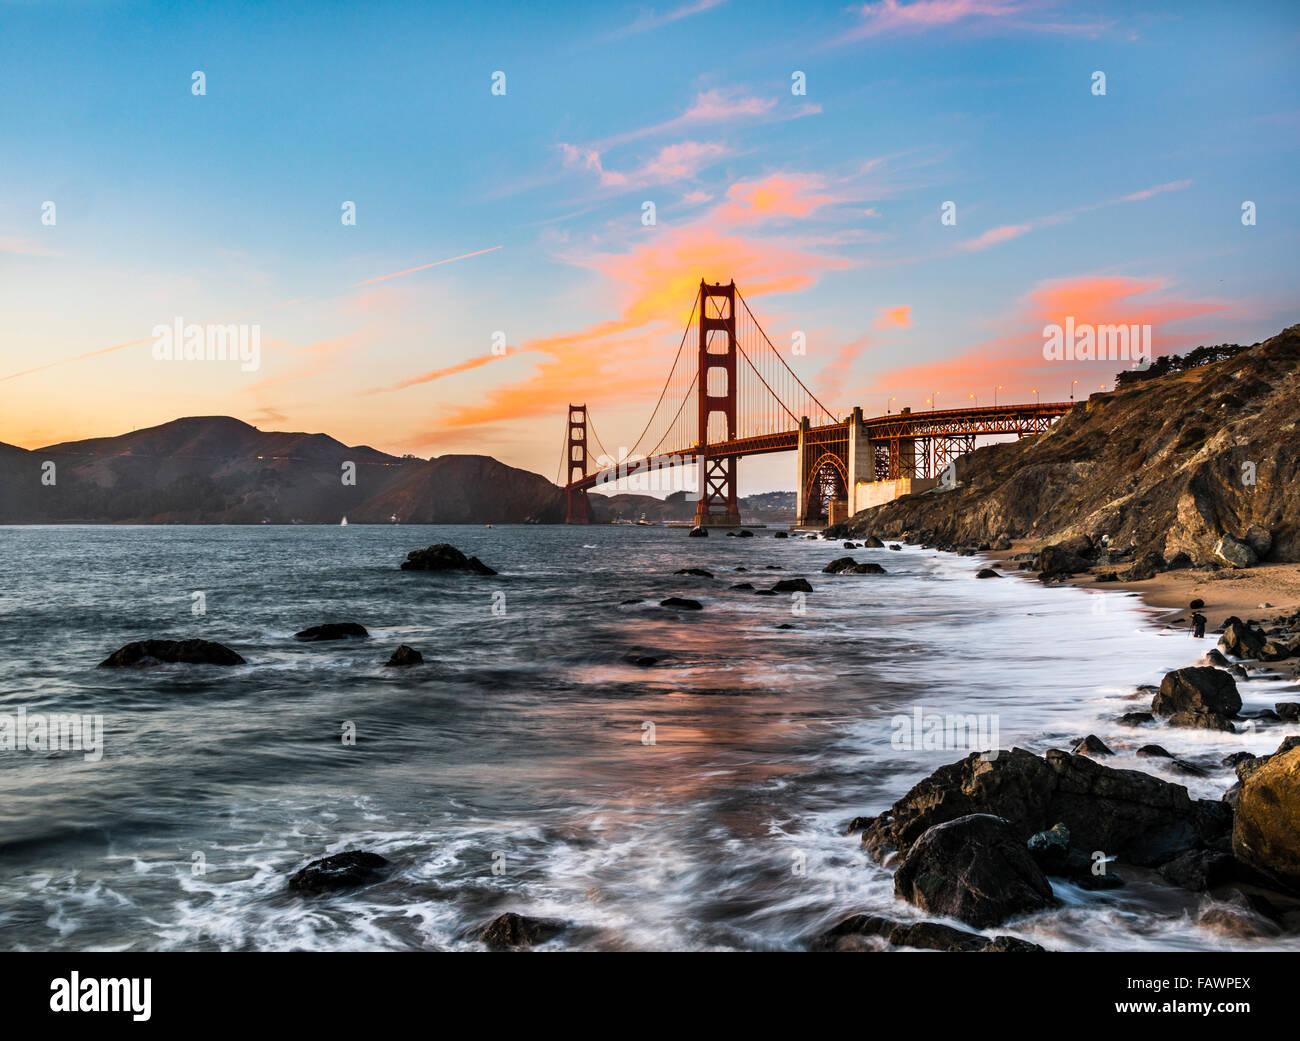 Golden Gate Bridge, Marshall's Beach, tramonto, costa rocciosa, San Francisco, Stati Uniti d'America Foto Stock